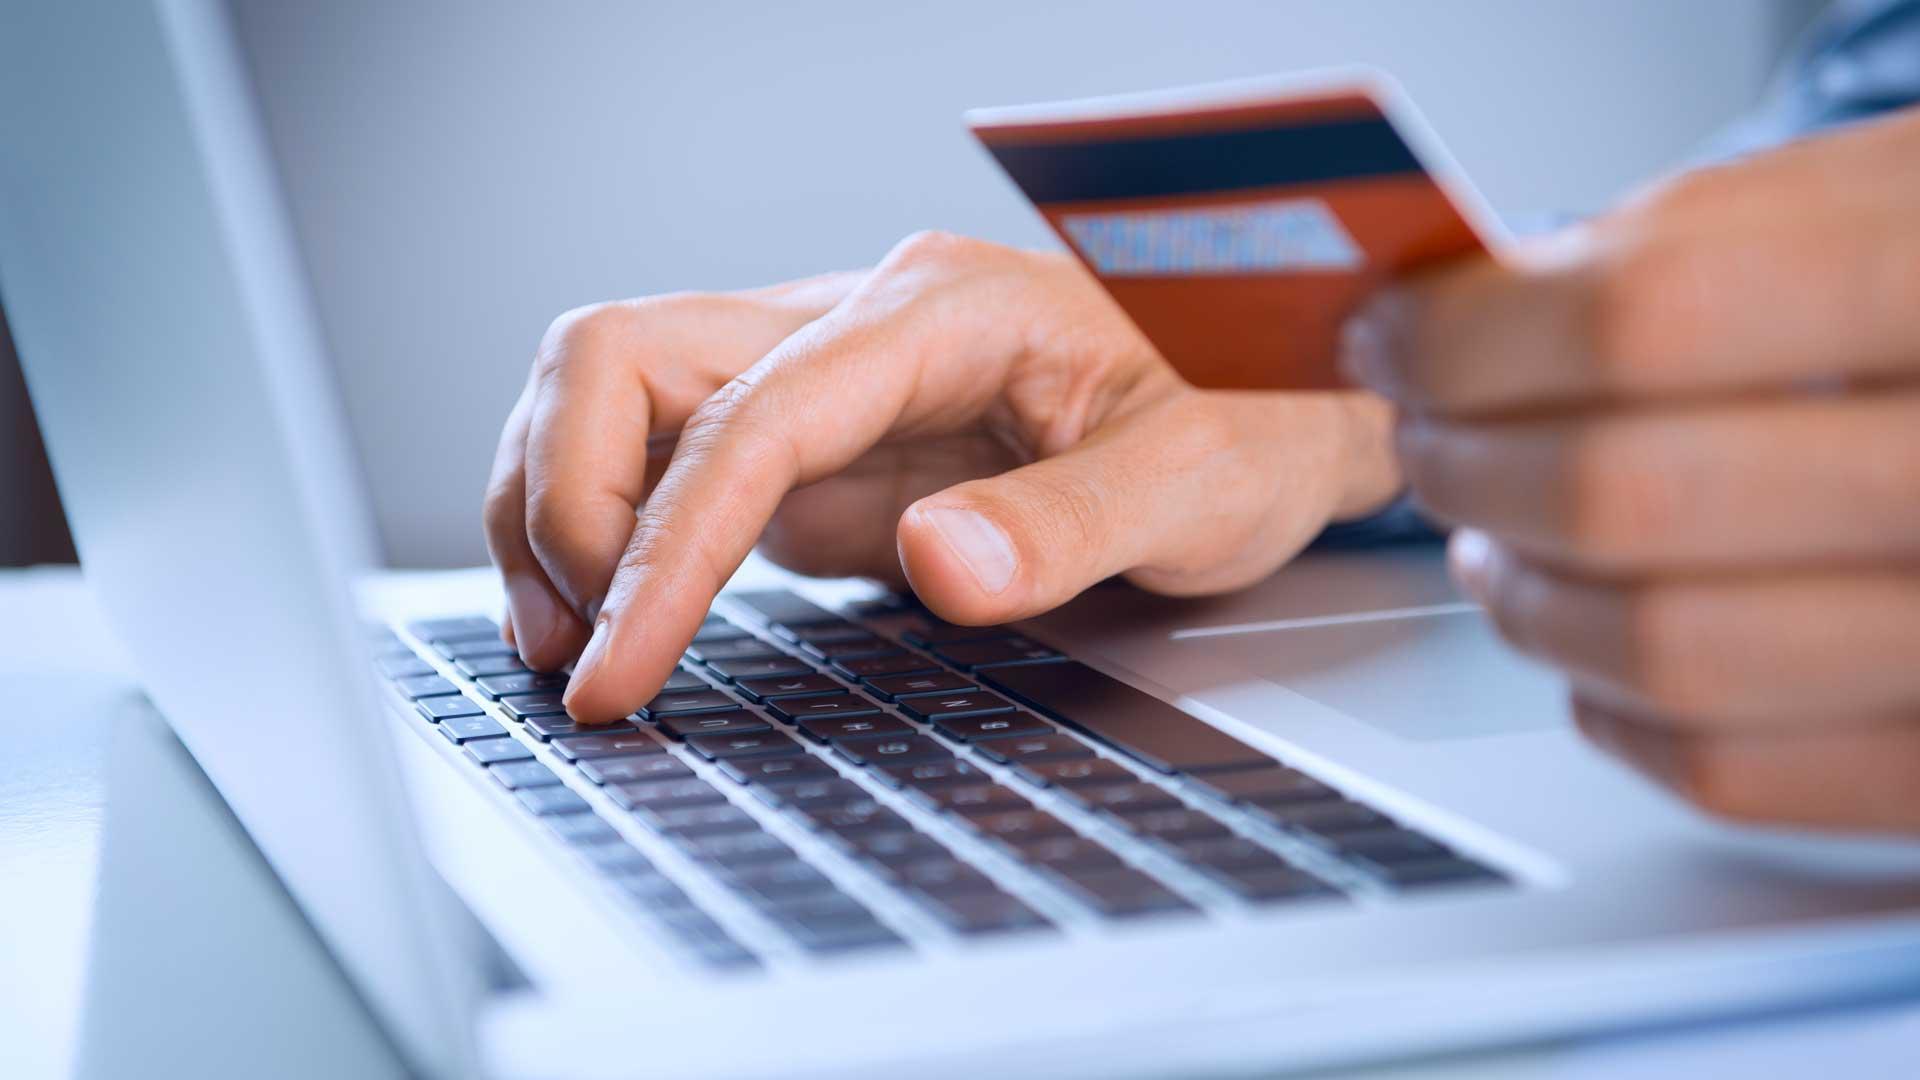 помощь получить кредит займ с испорченной плохой кредитной историей